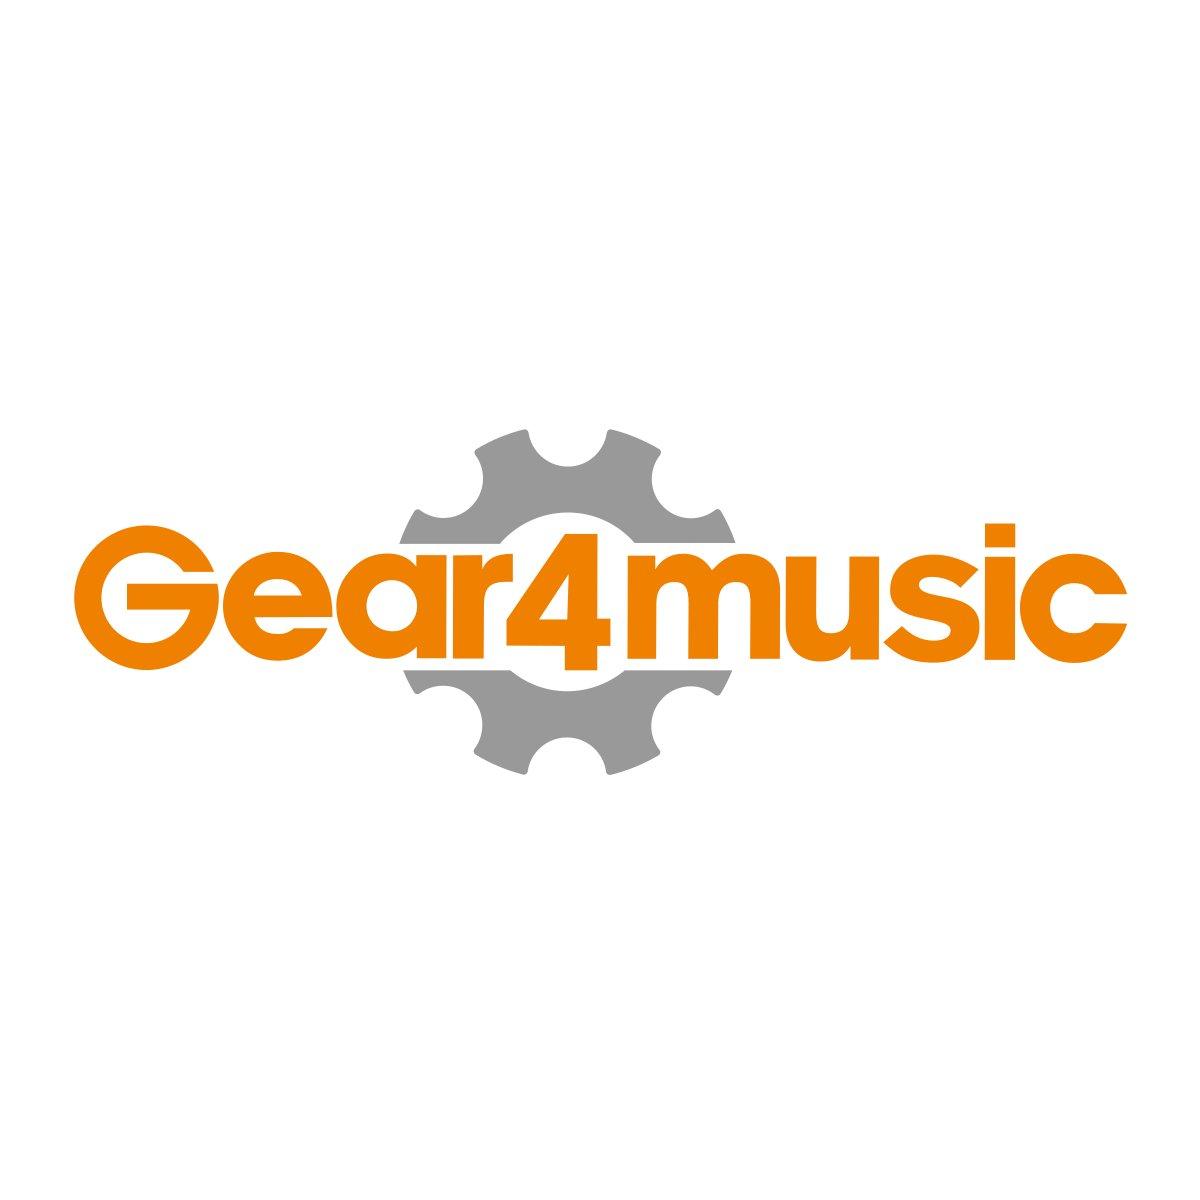 MK-6000 Keyboard with USB MIDI by Gear4music